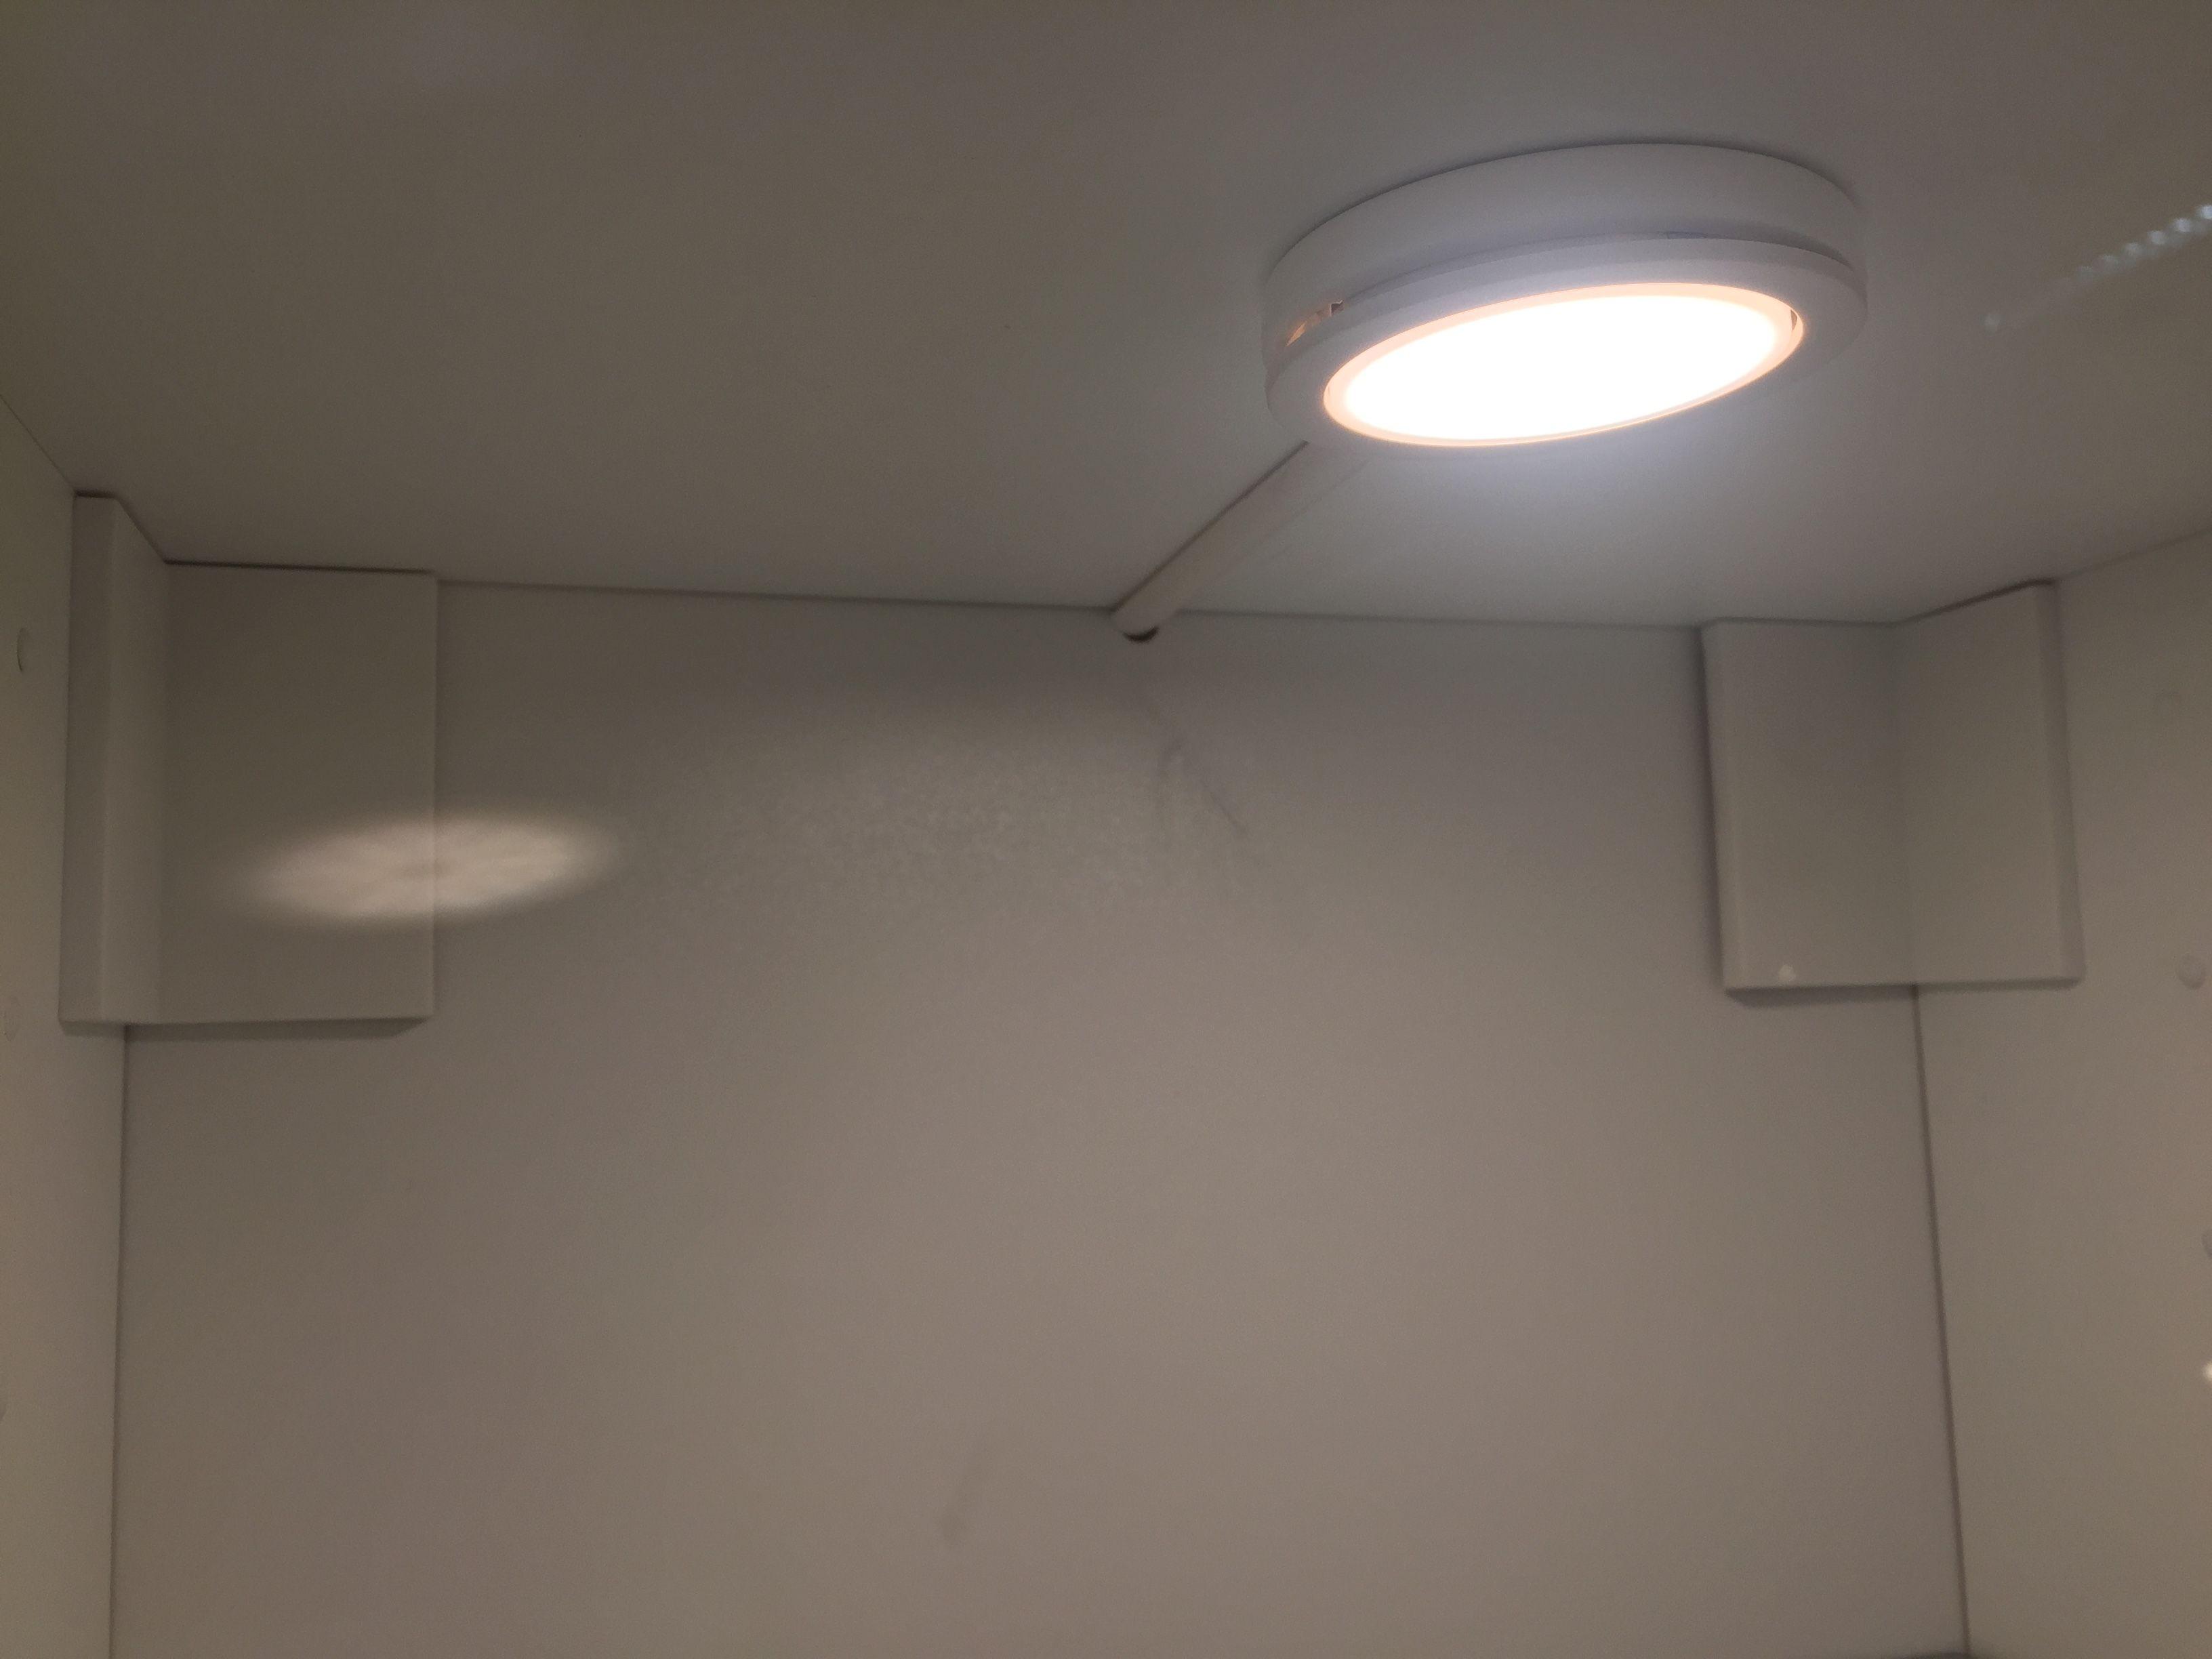 omlopp led spotlight white ikea cuisine av des h tres pinterest. Black Bedroom Furniture Sets. Home Design Ideas